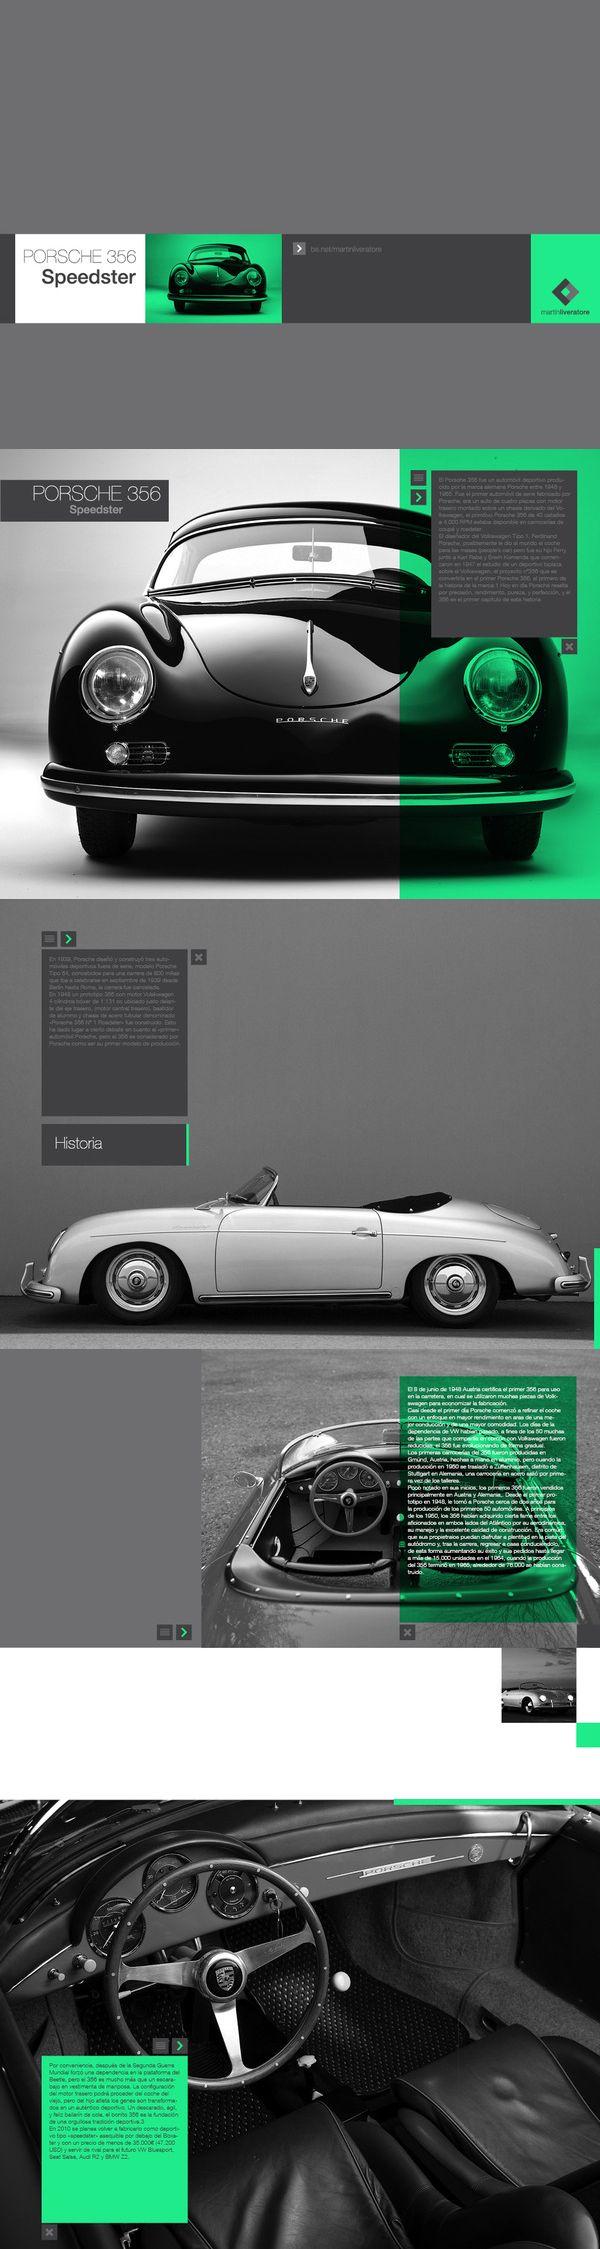 Porsche 356 Speedster interactive book | Designer: Martin Liveratore #webdesign